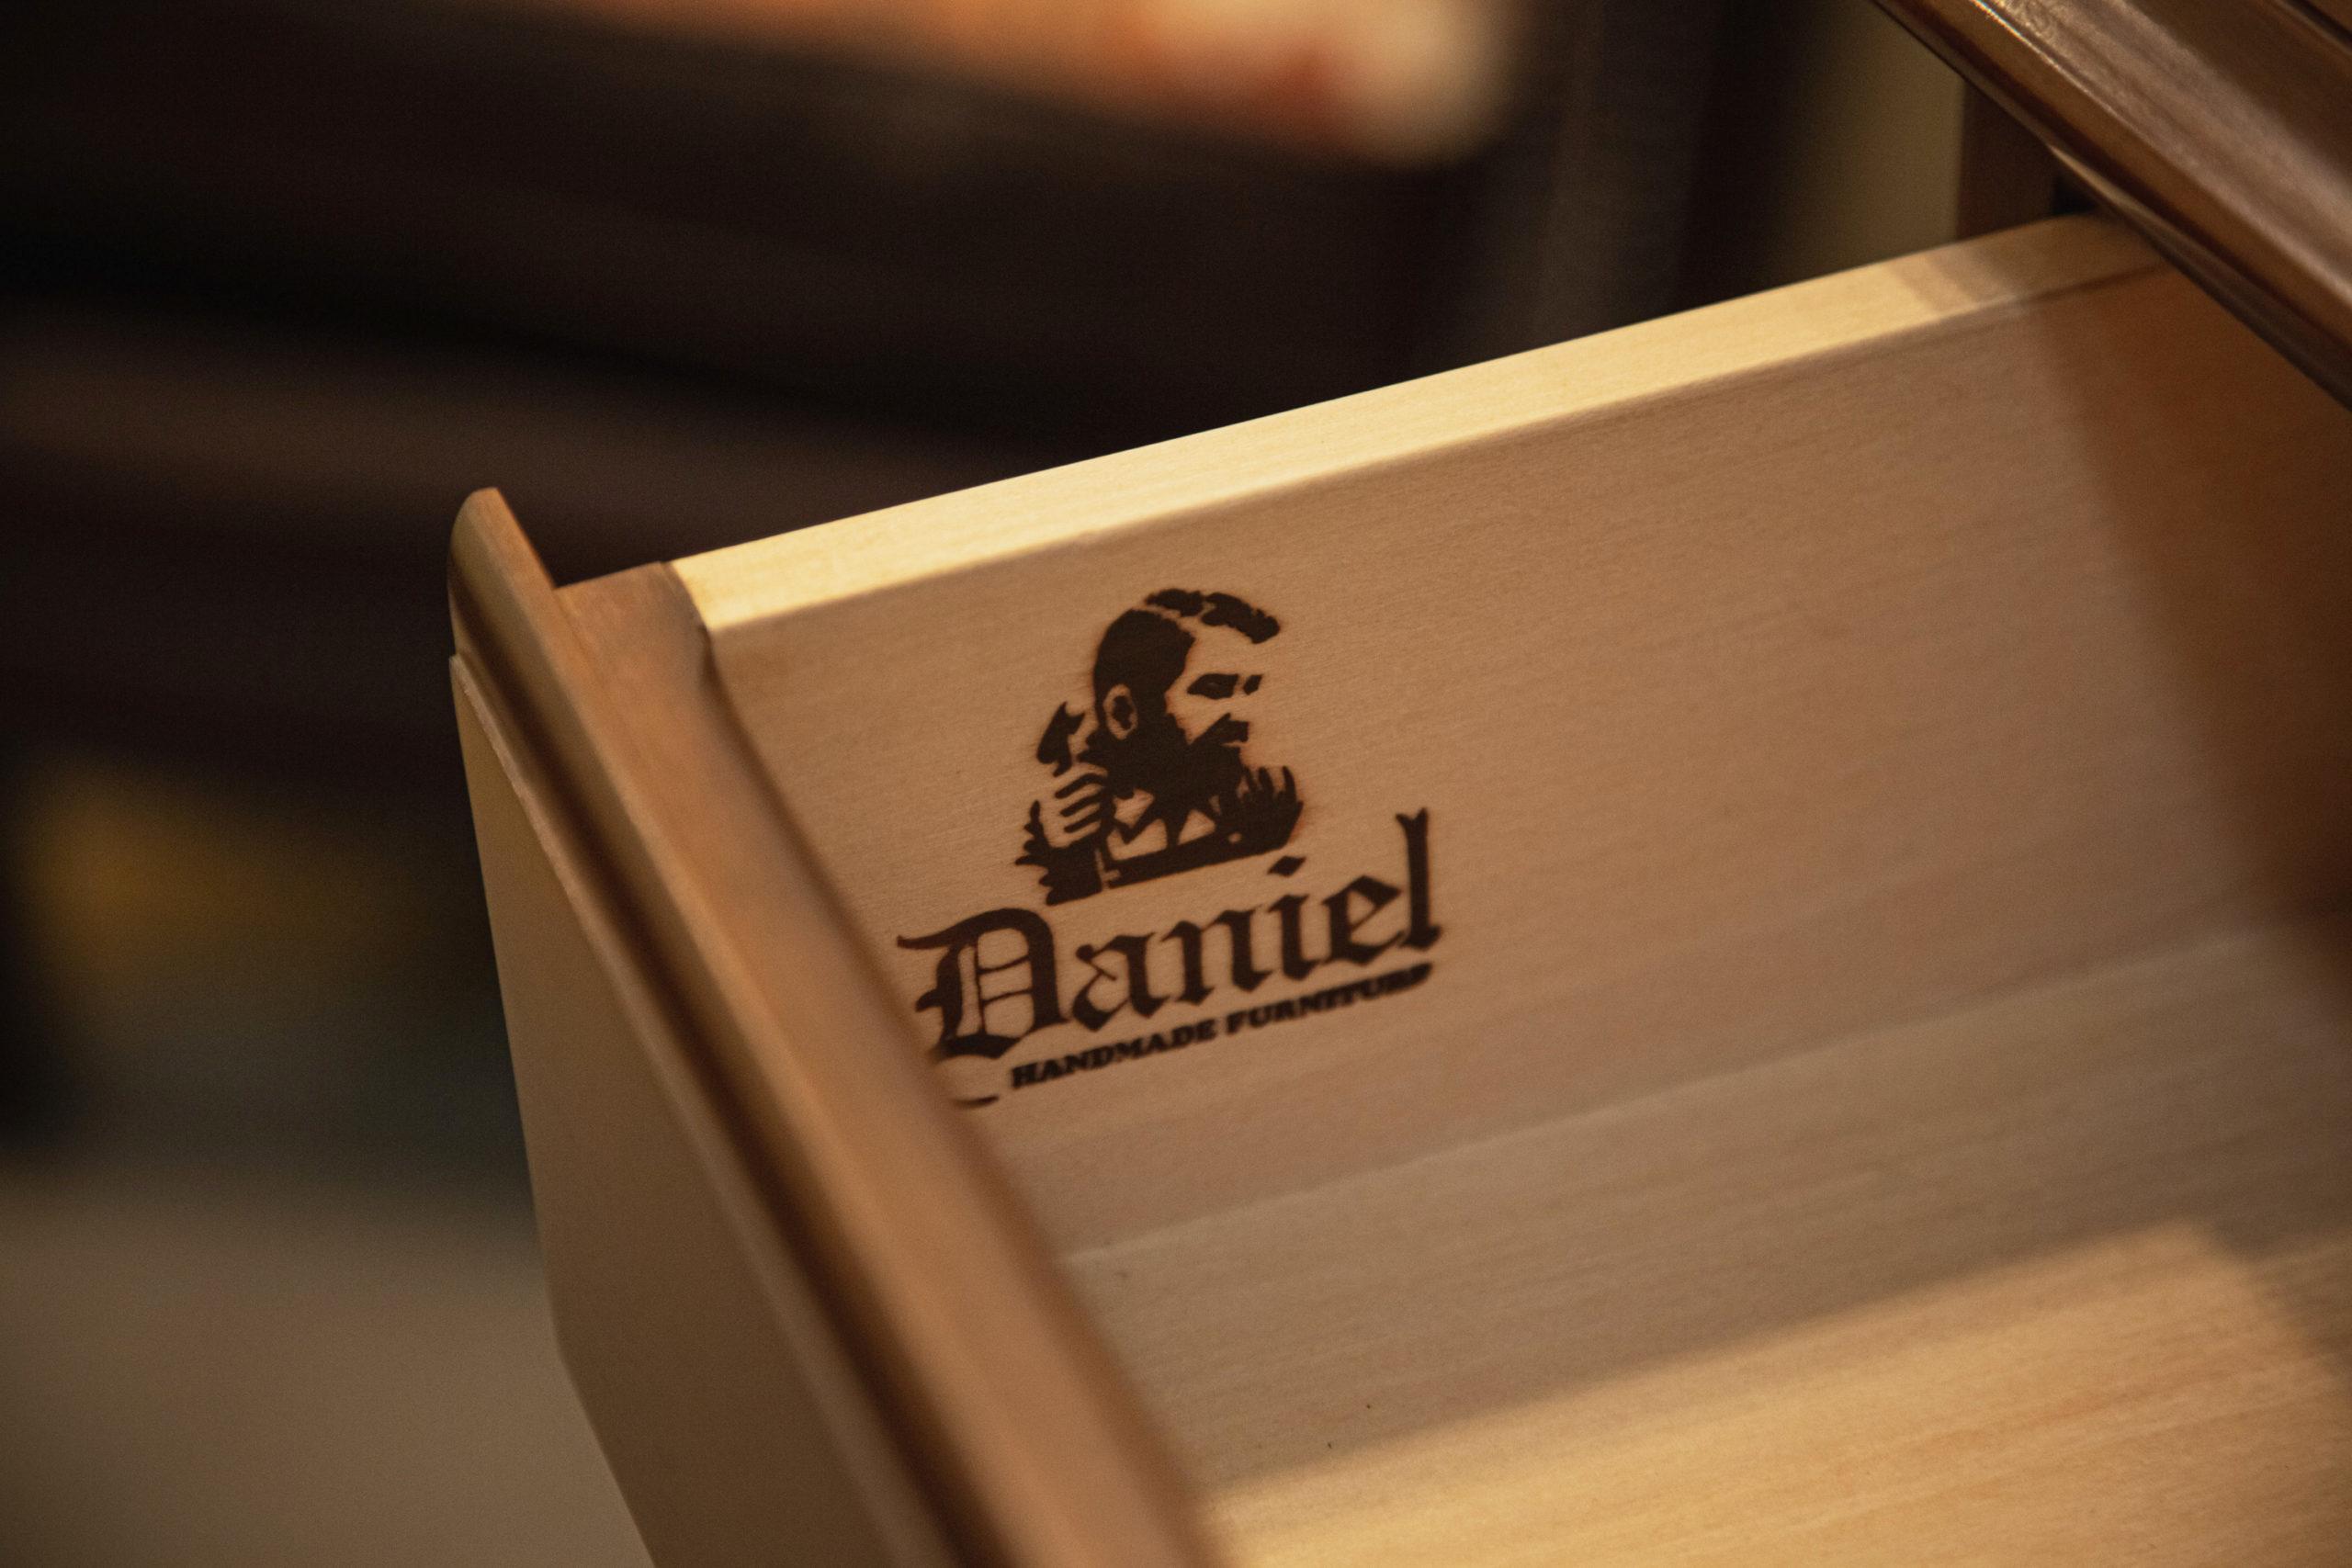 職人の誇りと責任が詰まった刻印がダニエルの真髄を感じる